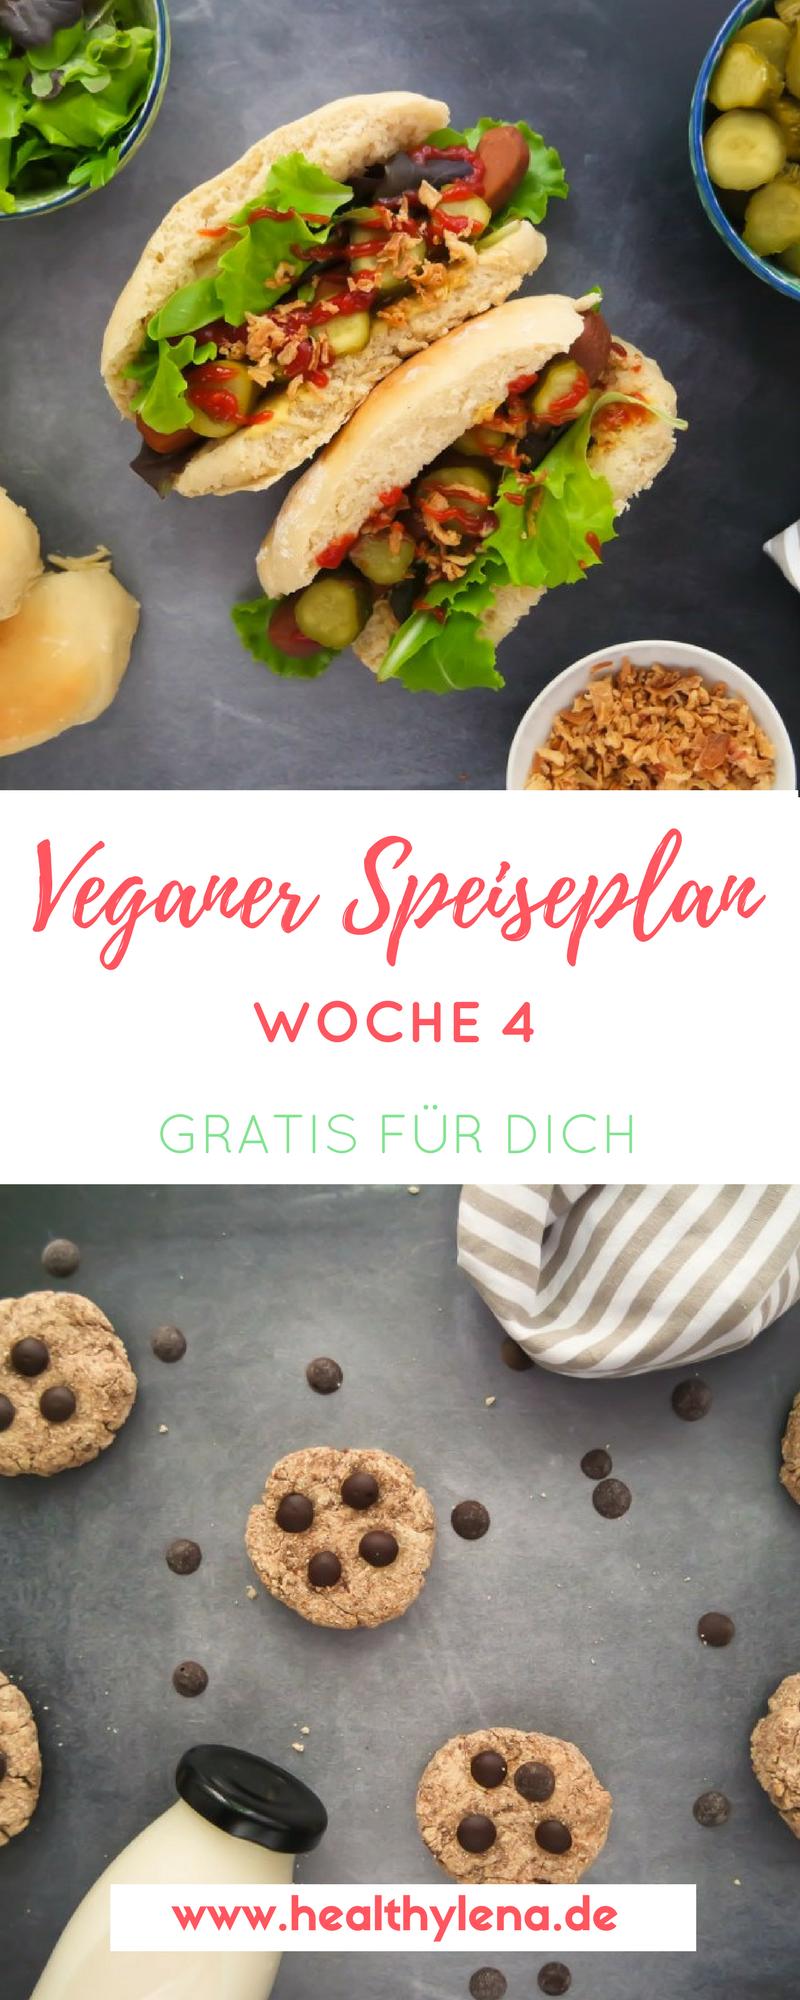 Mein Veganer Speiseplan Gratis Fur Dich Woche 4 Rezepte Vegane Vegane Rezepte